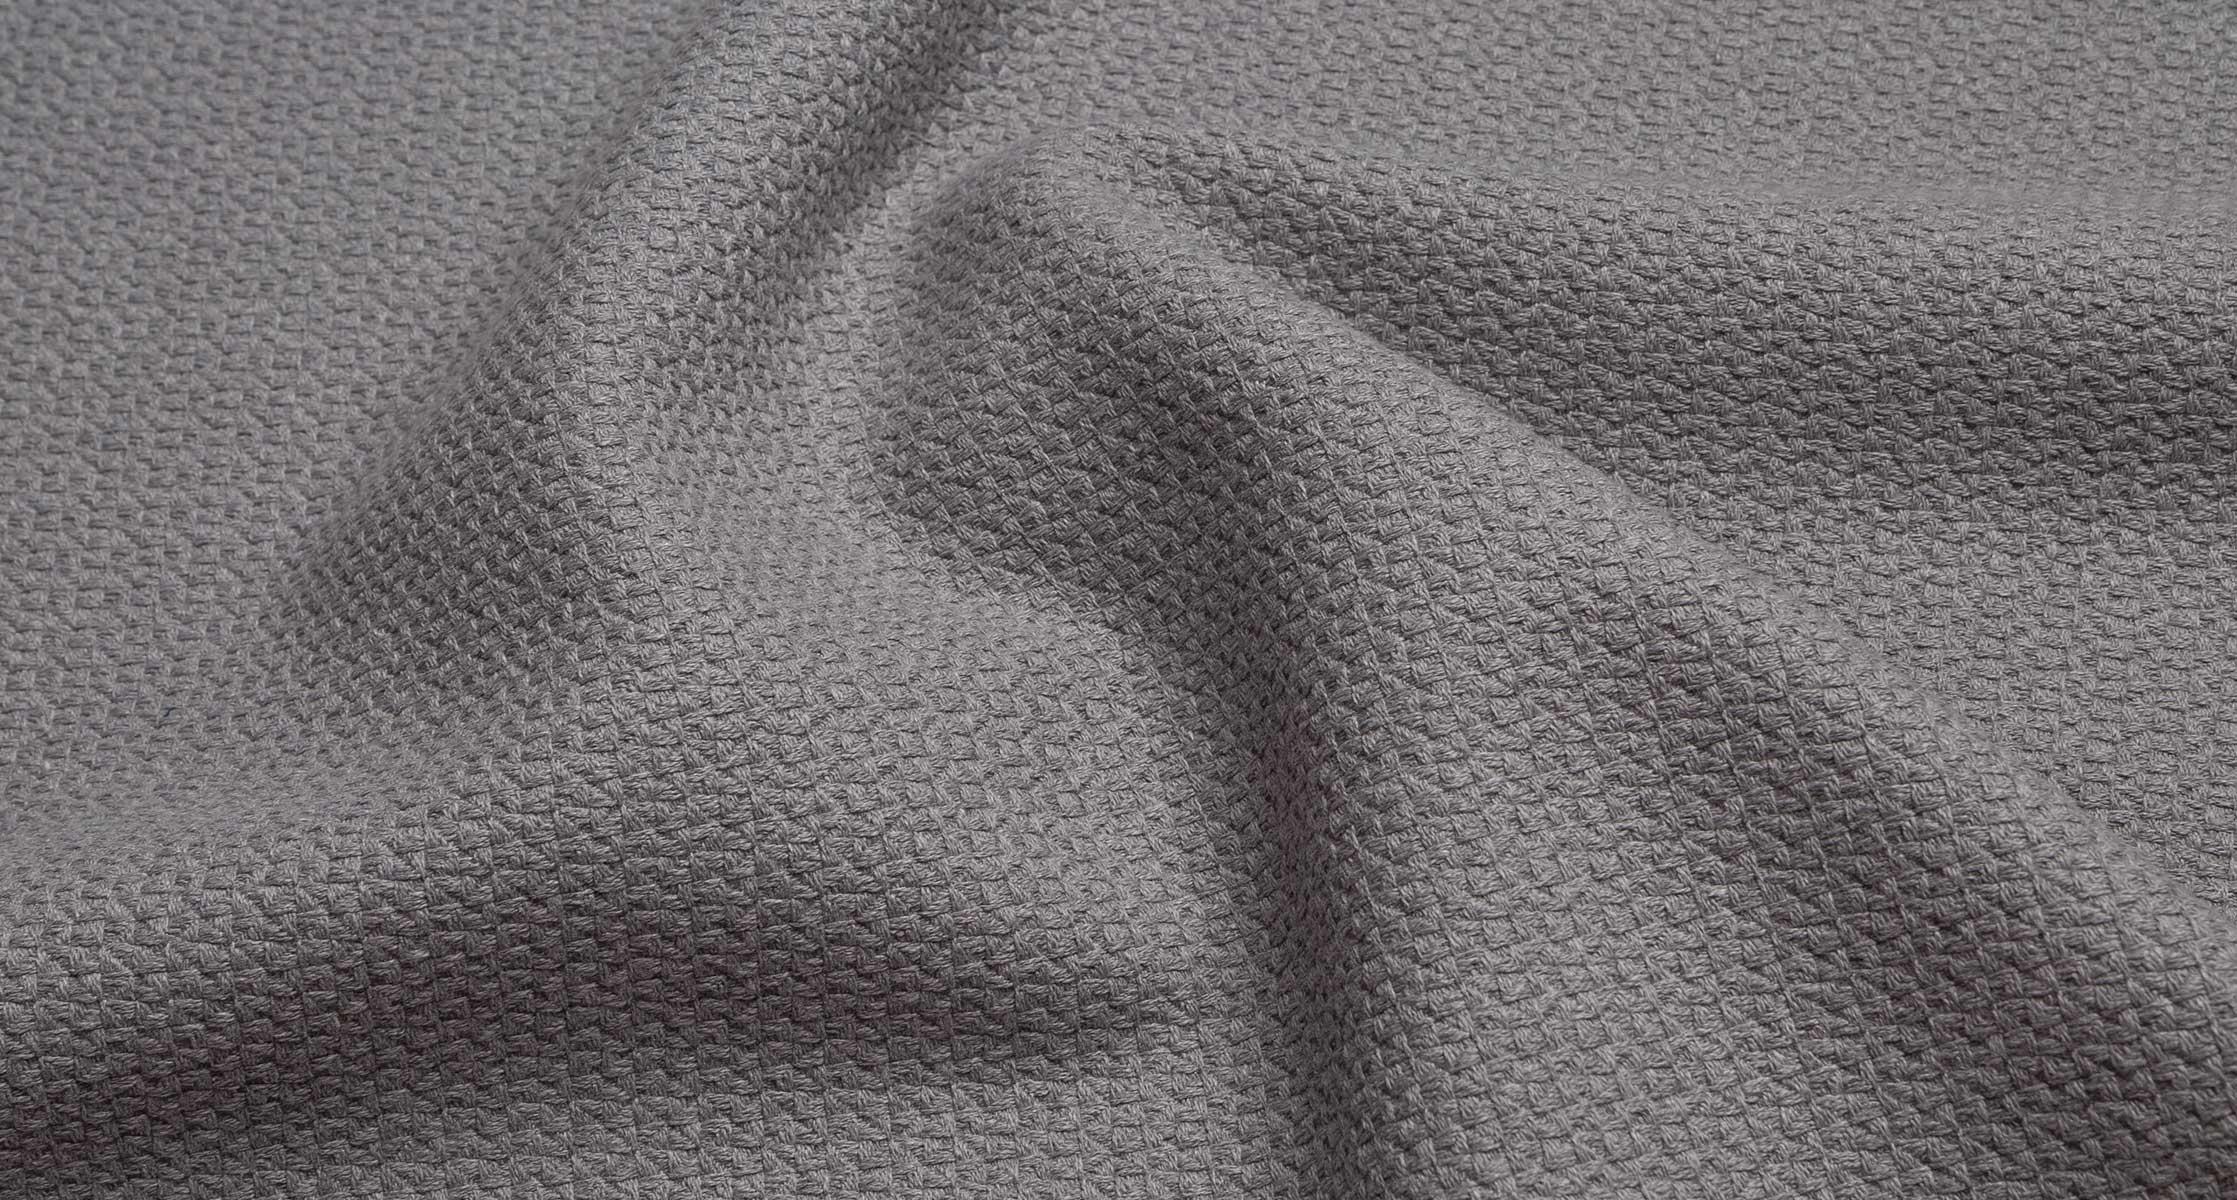 carboni_camut_3_volume